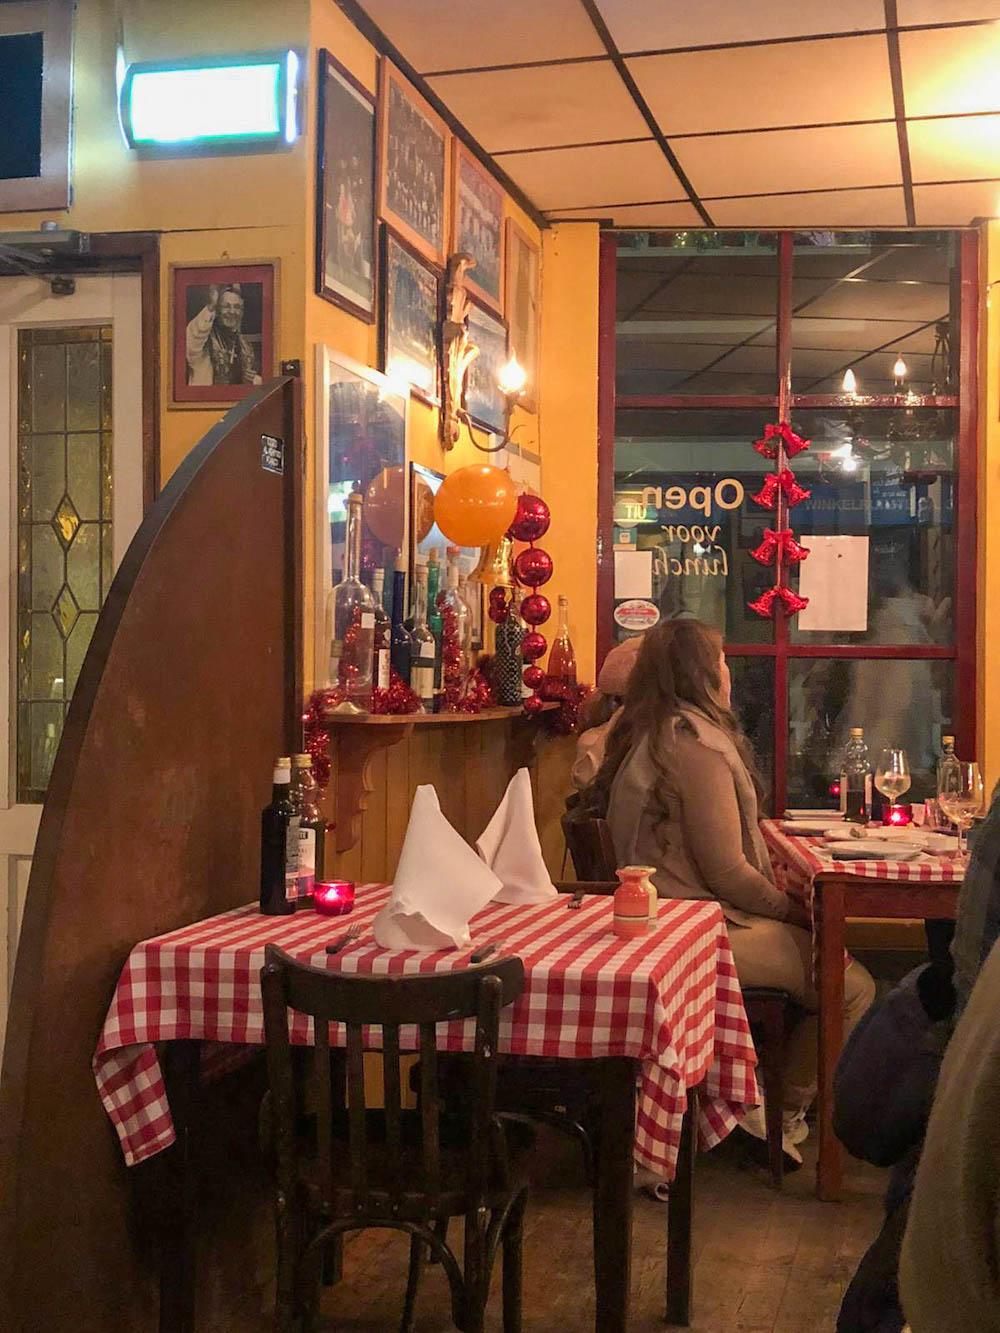 Een gezellig Italiaans restaurant in Hillegersberg: La Salute. Typisch Italiaans interieur en heerlijke Italiaanse specialiteiten!